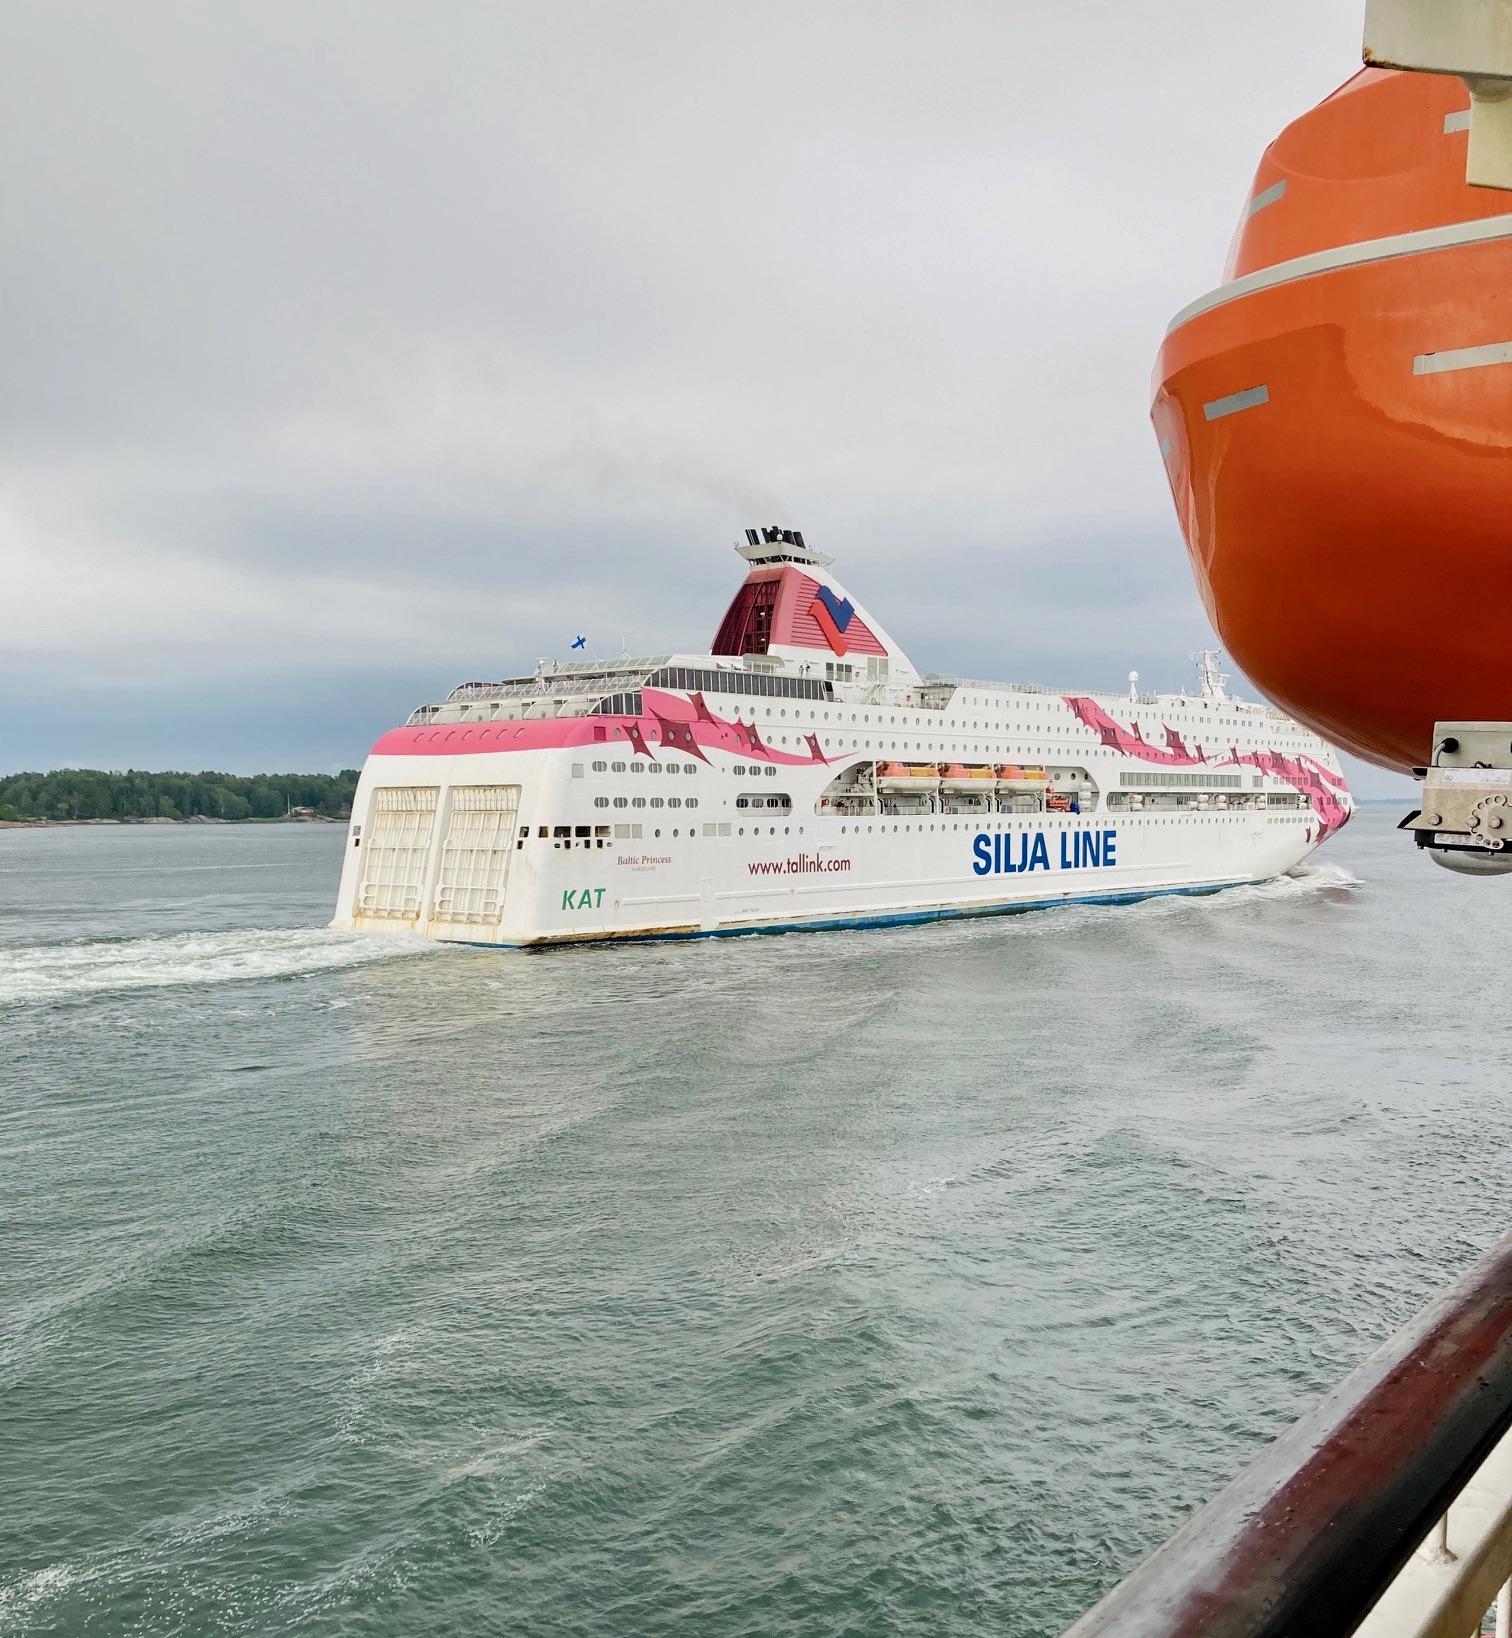 På åländskat vatten mötte vi ett annat kryssningsfartyg från Tallink - Silja.